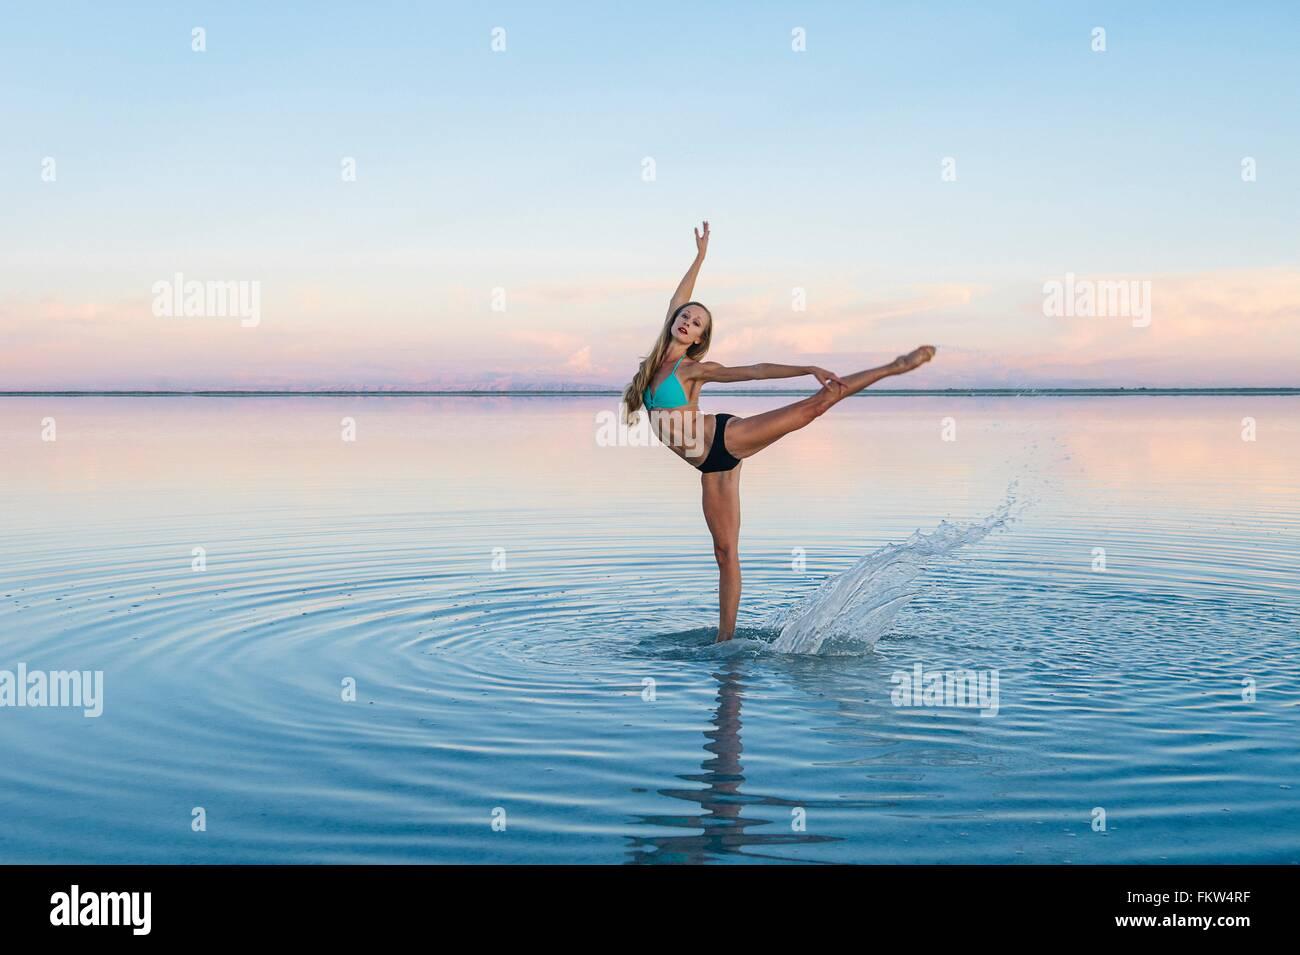 Female ballet dancer poised on one leg in lake, Bonneville Salt Flats, Utah, USA Stock Photo